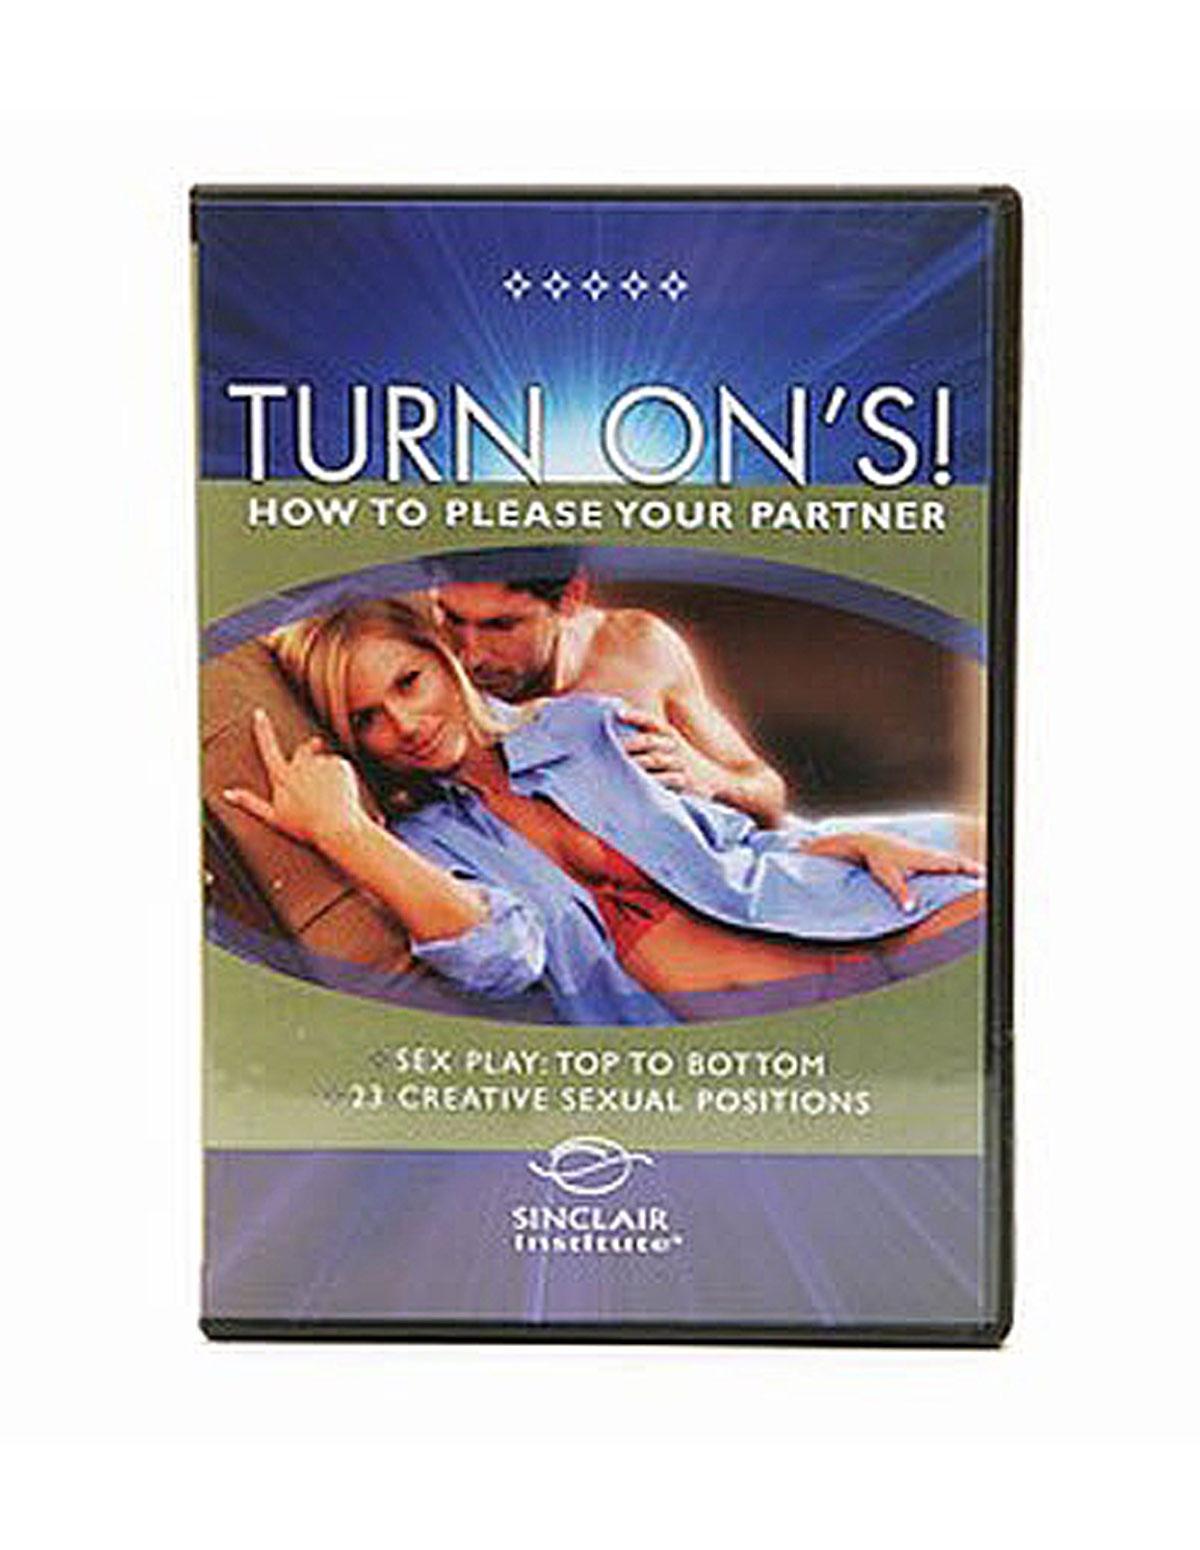 Turn Ons Vol 1 Dvd